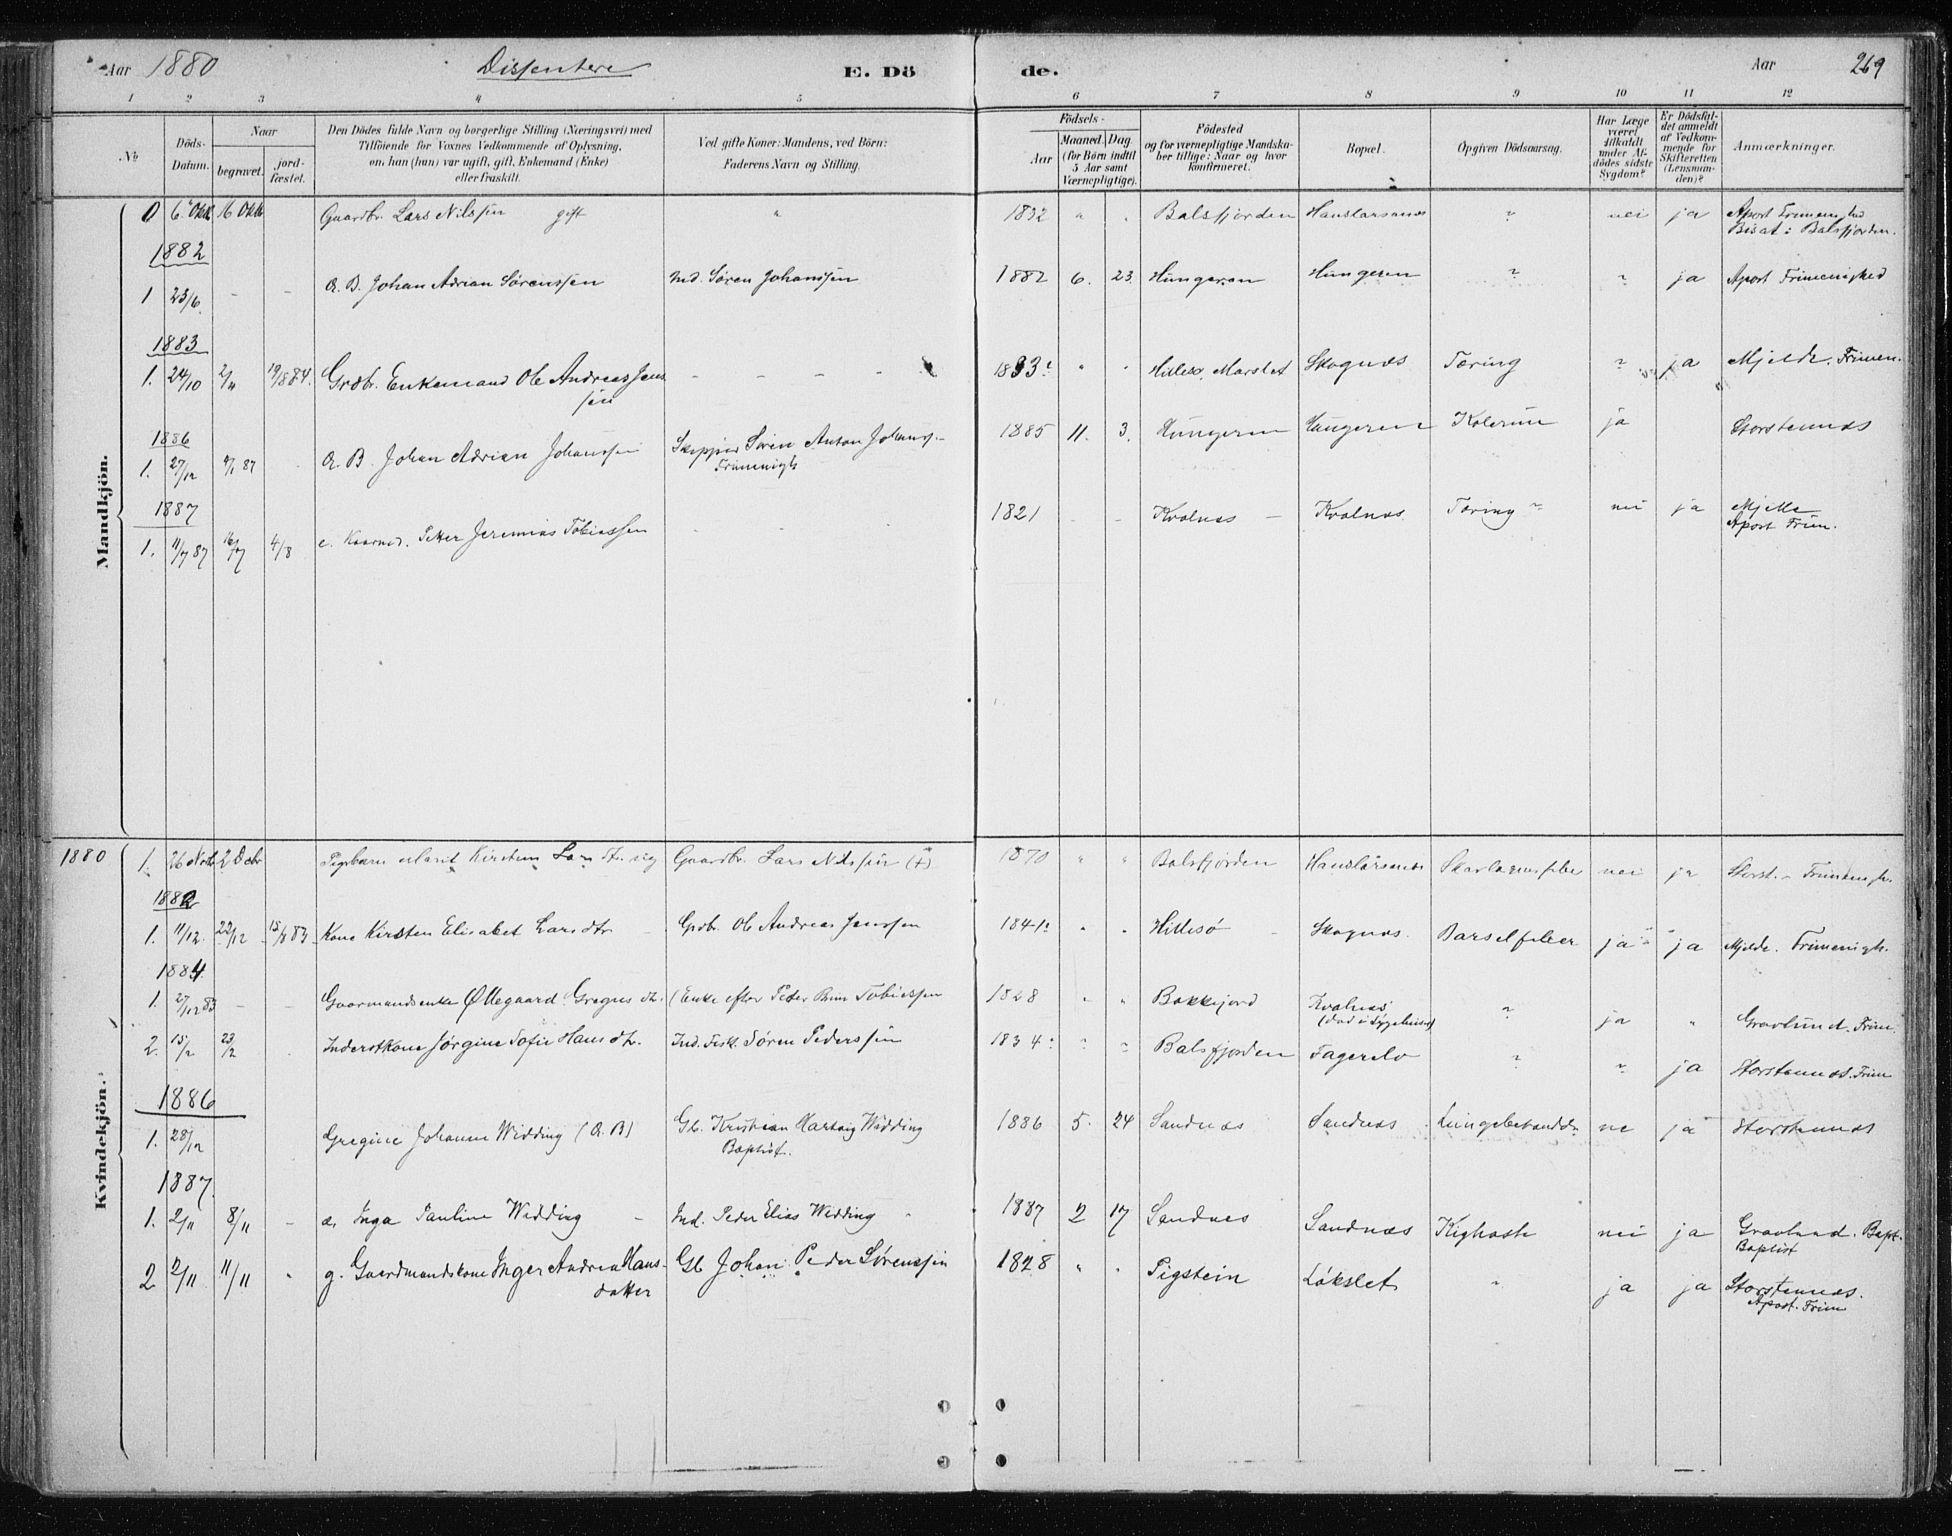 SATØ, Tromsøysund sokneprestkontor, G/Ga/L0004kirke: Ministerialbok nr. 4, 1880-1888, s. 269